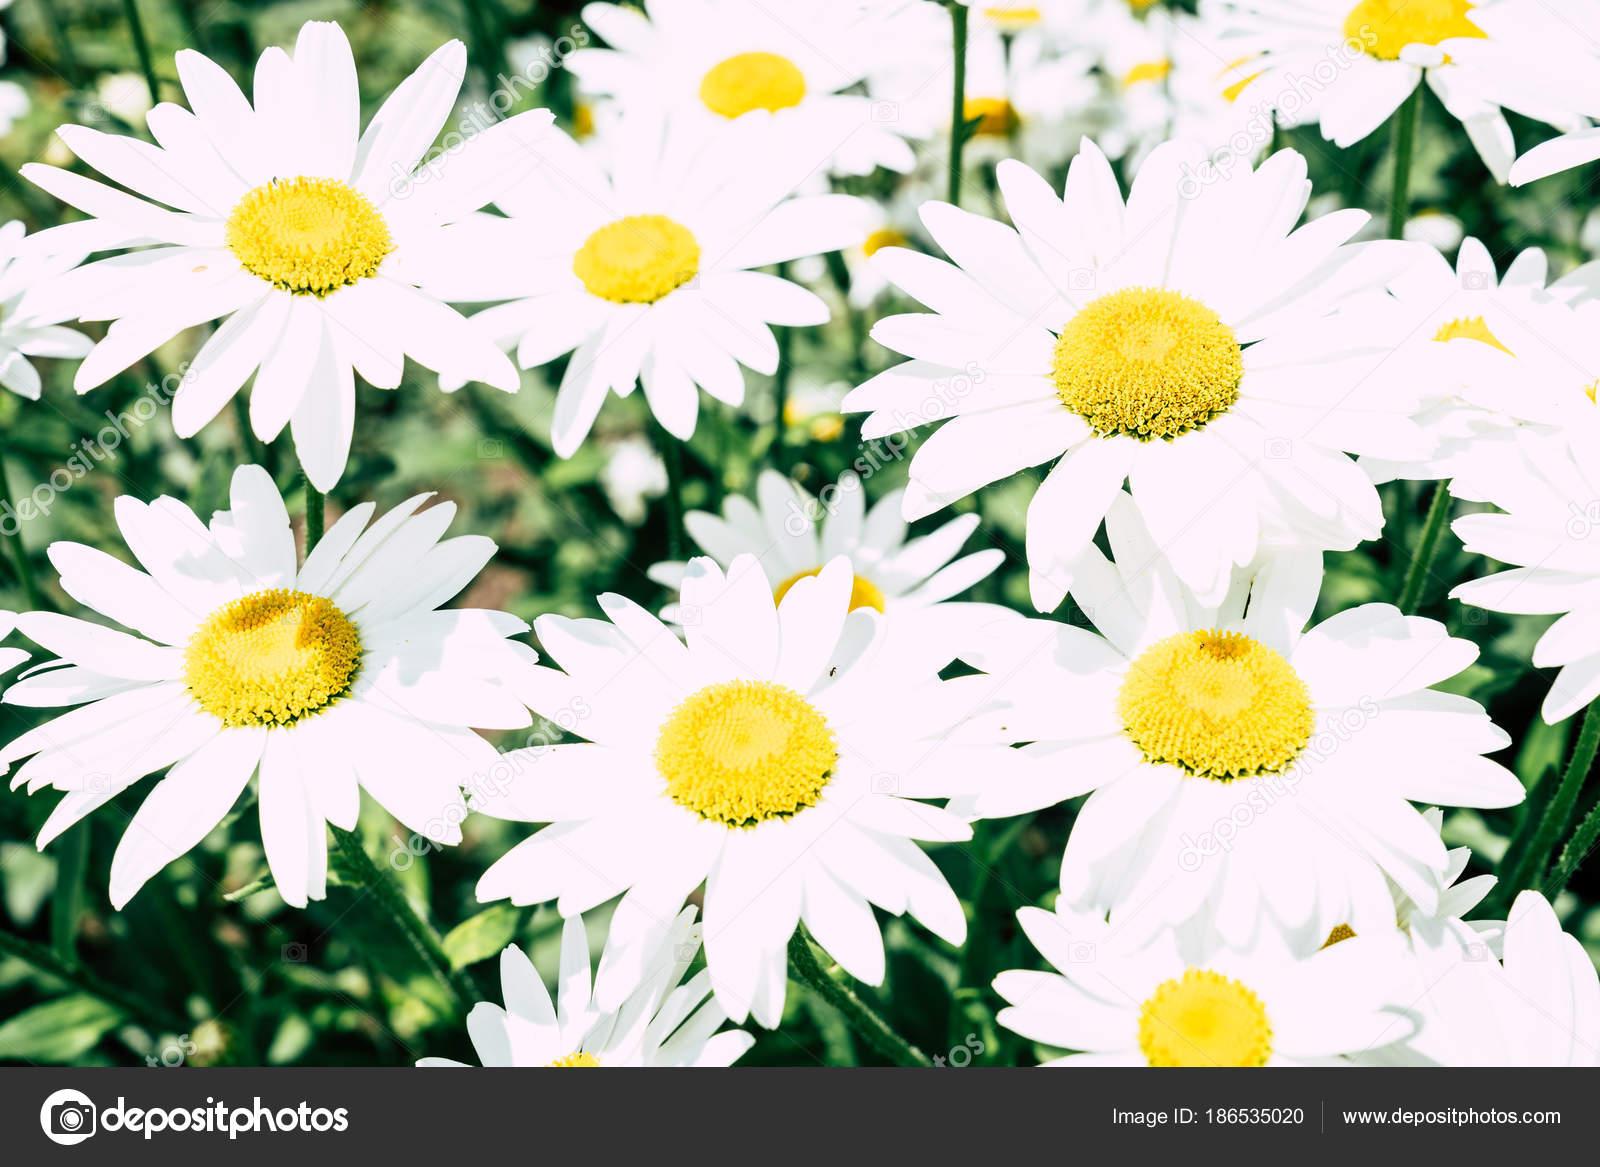 Daisy Flowers Bloom Bright Sunny Day Stock Photo Alexeys 186535020